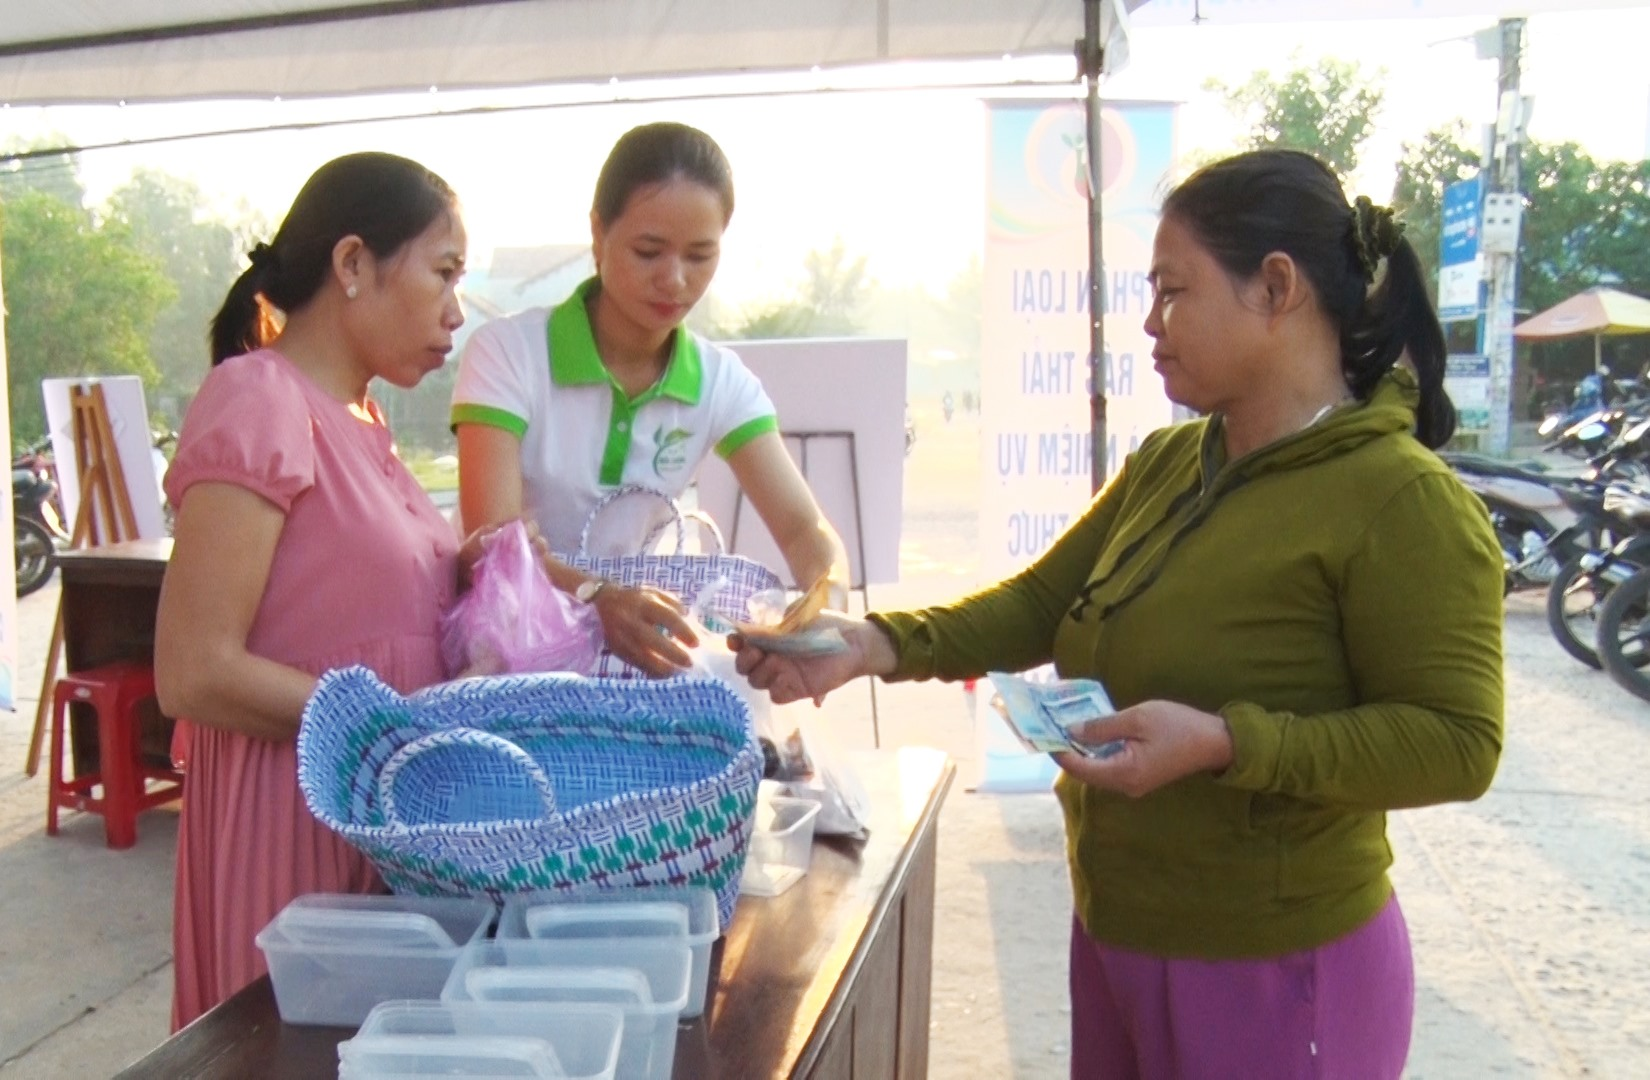 Hoạt động bán giỏ xách và hộp nhựa của Hội LHPN xã Bình Minh đã thay đổi nhận thức trong nhân dân về bảo vệ môi trường. Ảnh: PHAN VINH